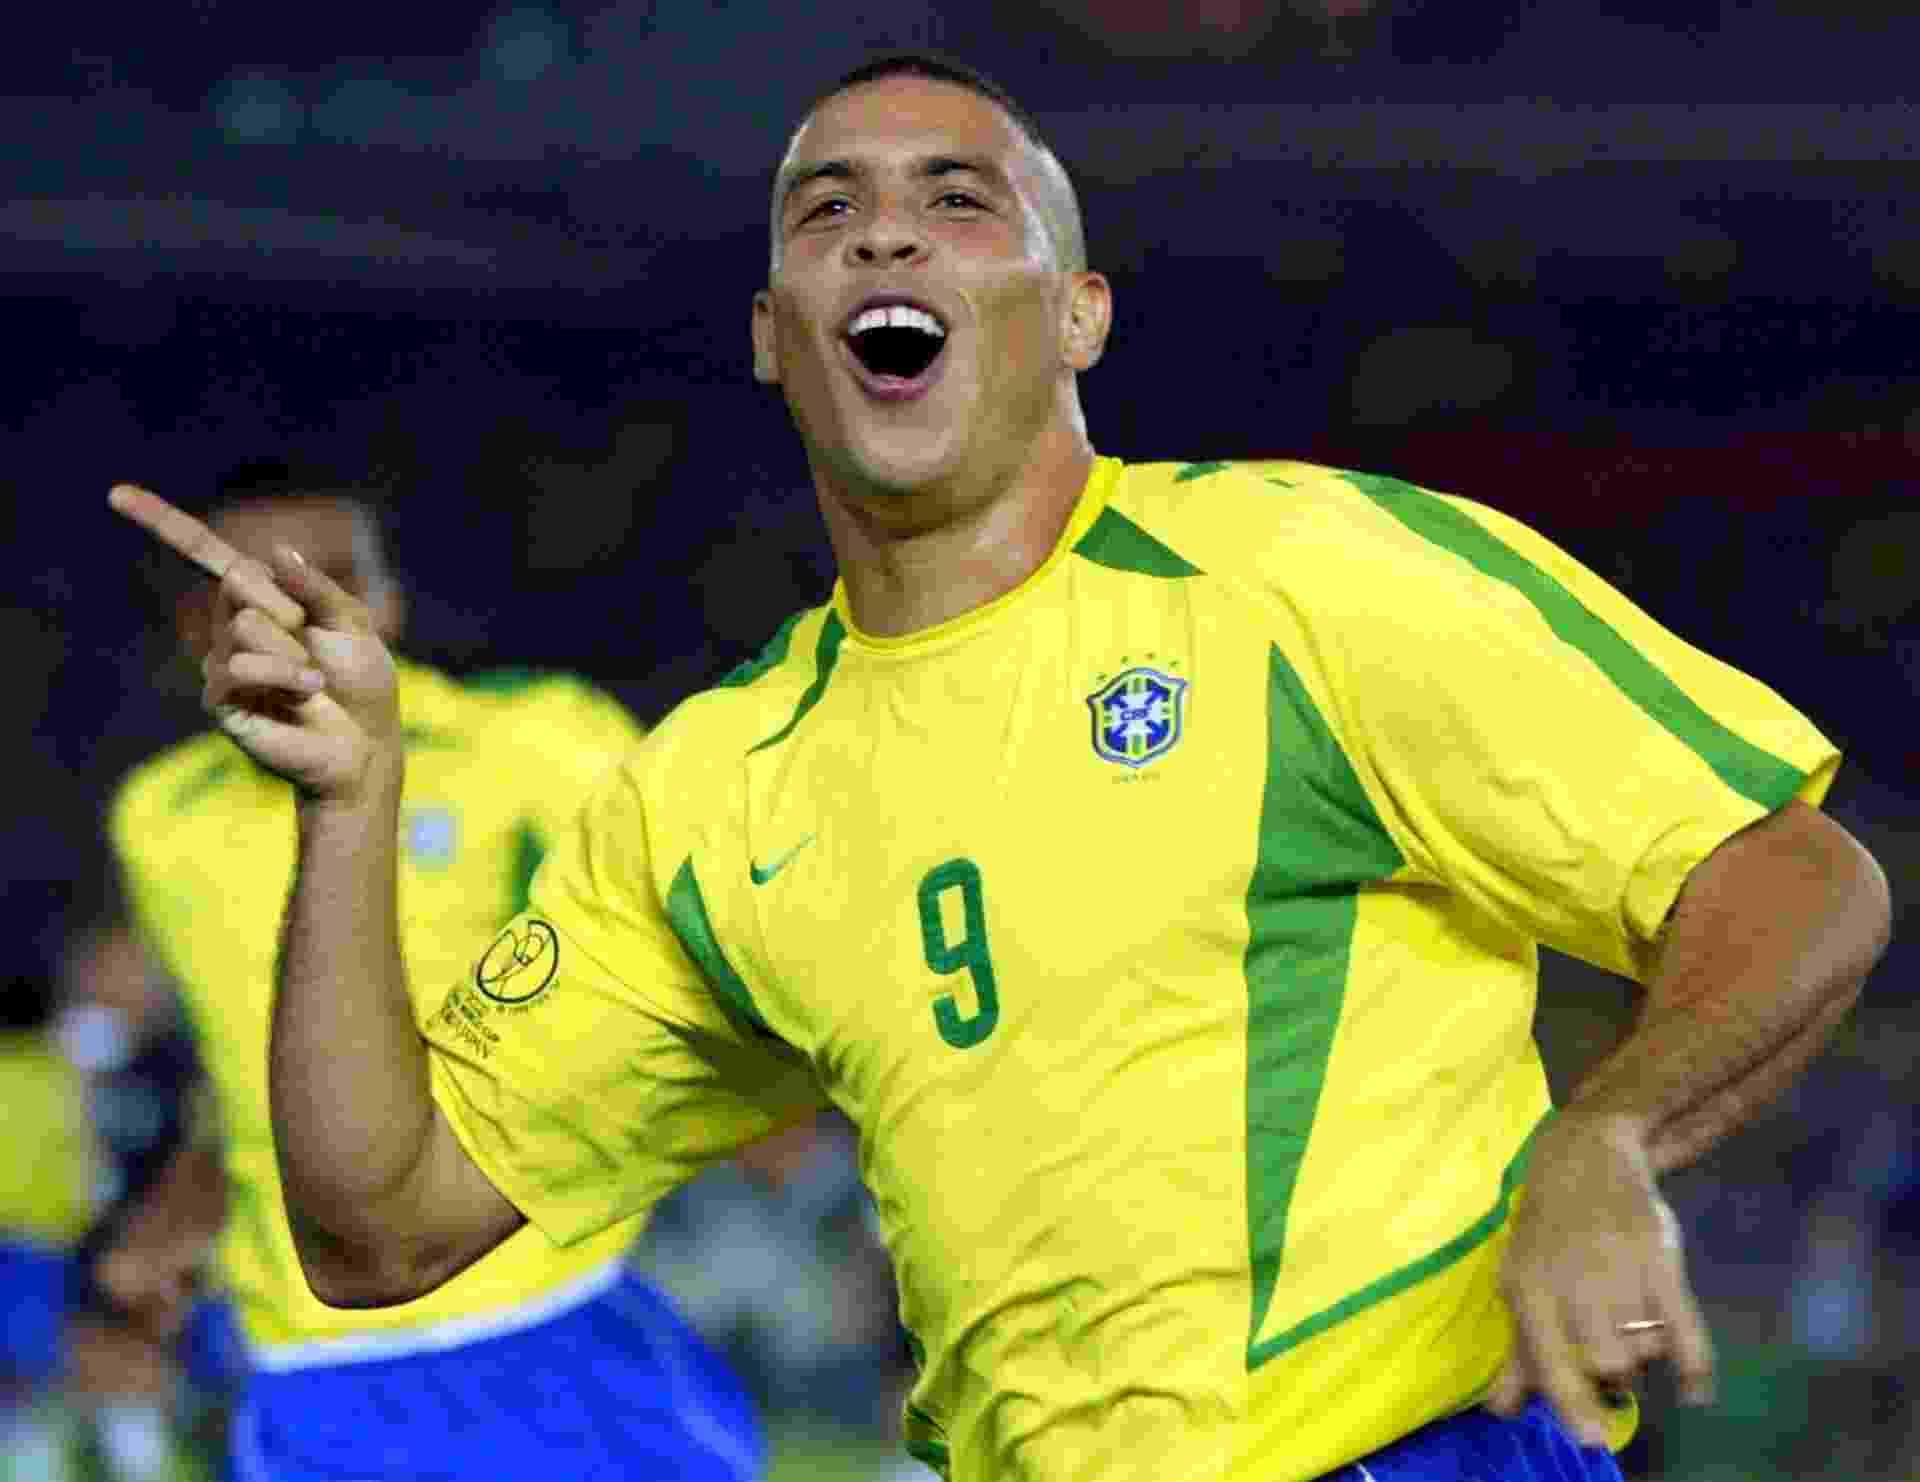 Ronaldo comemora o gol marcado contra a Alemanha na final da Copa do Mundo de 2002 - REUTERS/Dylan Martinez